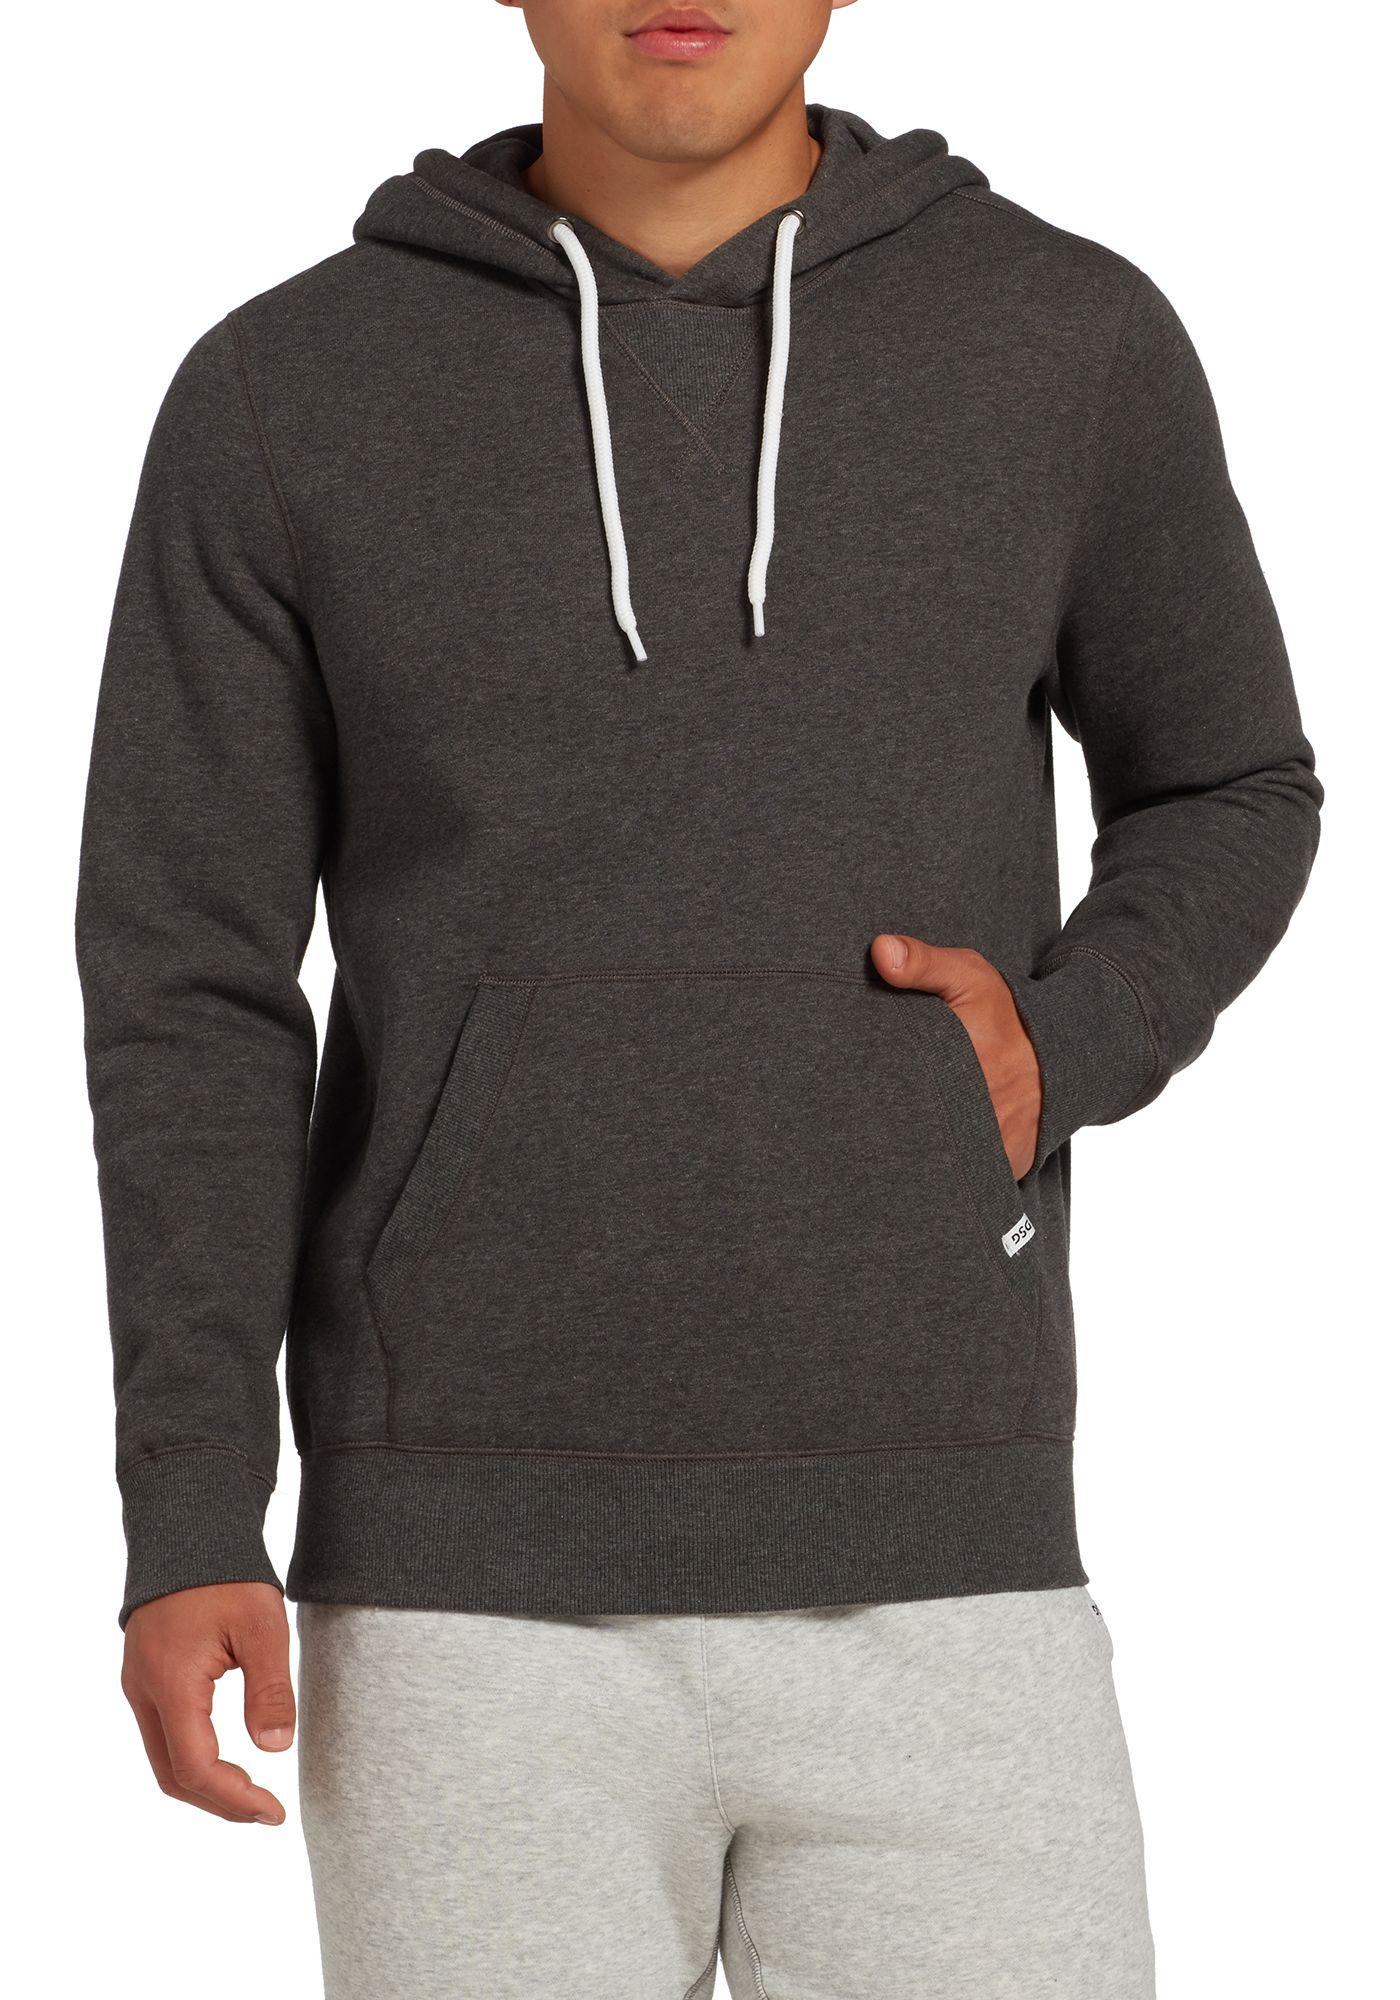 DSG Men's Everyday Cotton Fleece Hoodie